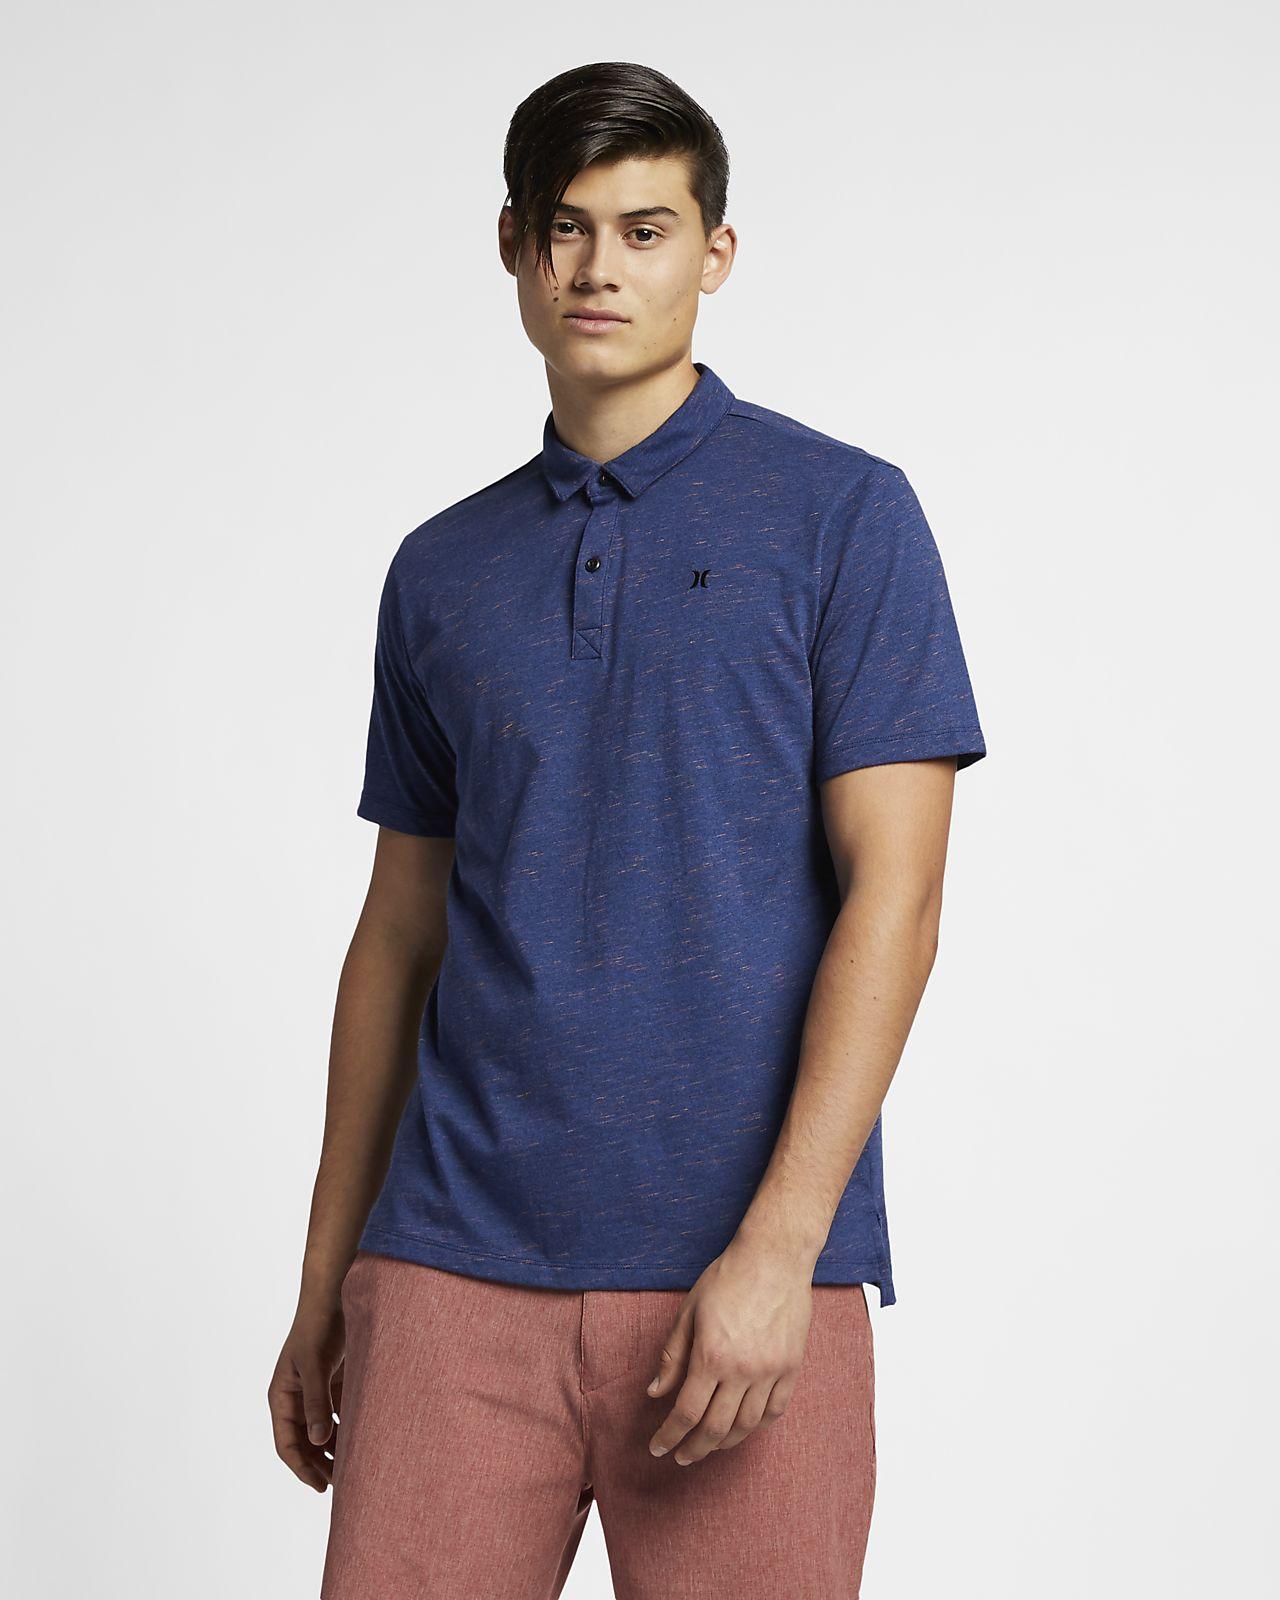 Hurley Dri-FIT Coronado Men's Polo